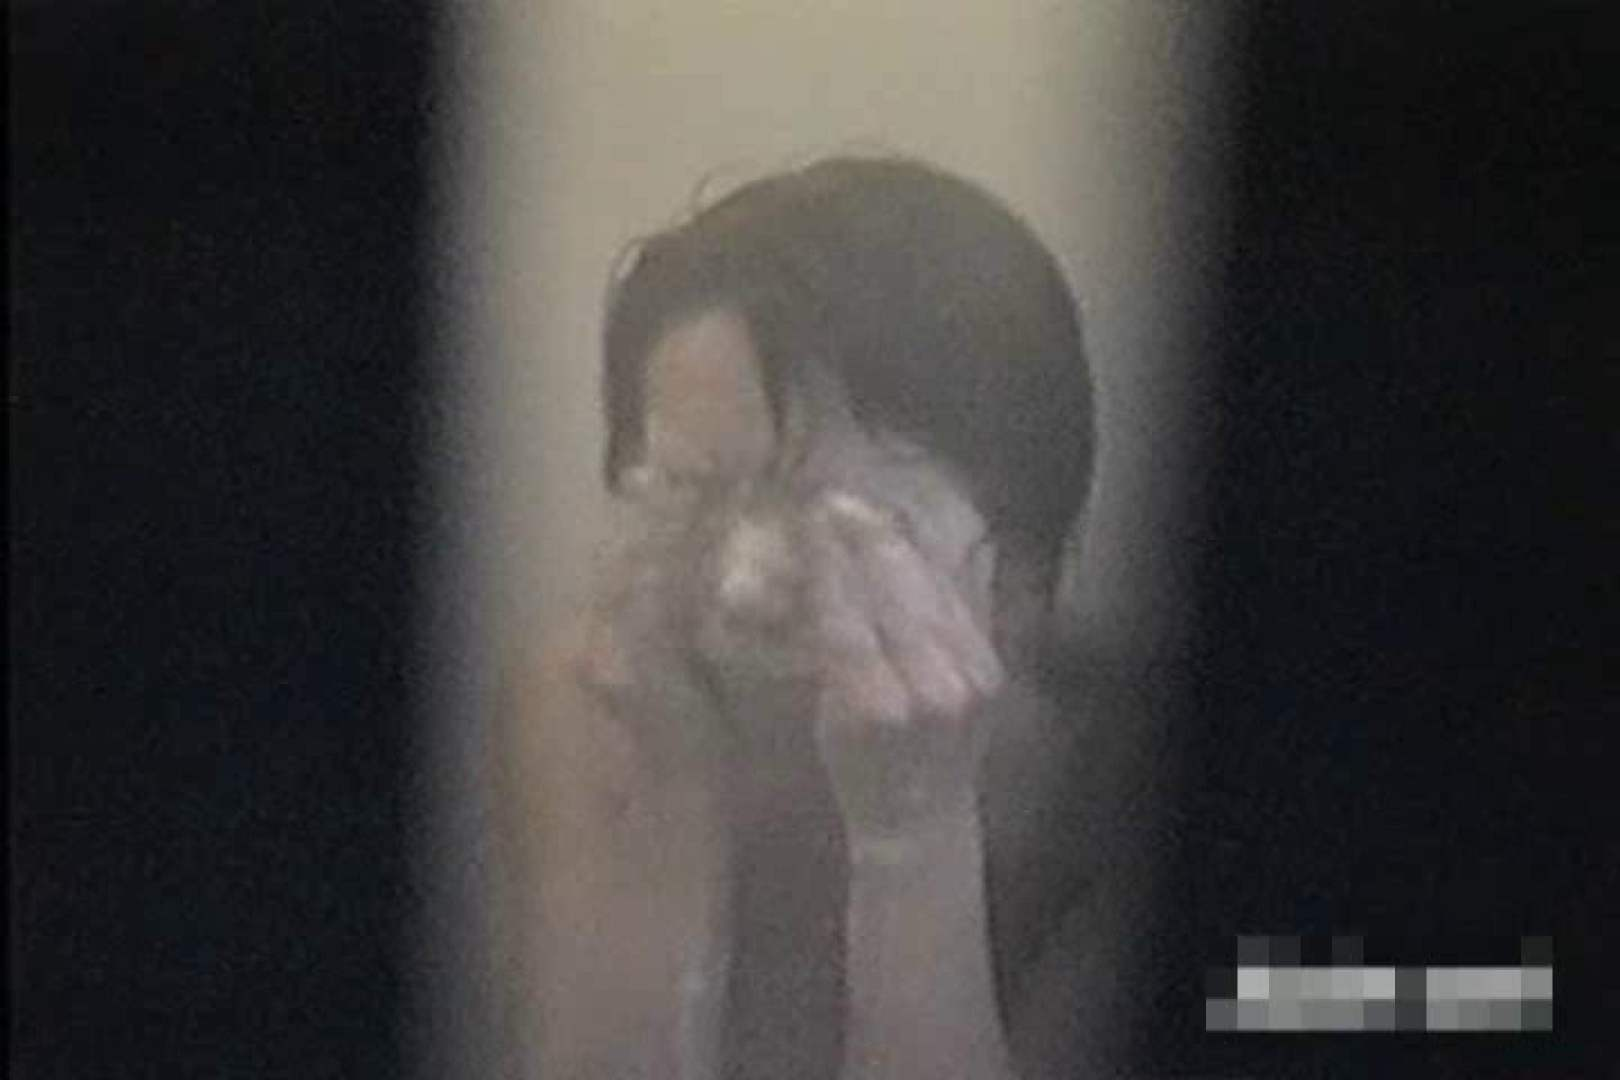 激撮ストーカー記録あなたのお宅拝見しますVol.1 盗撮大放出 性交動画流出 87連発 83